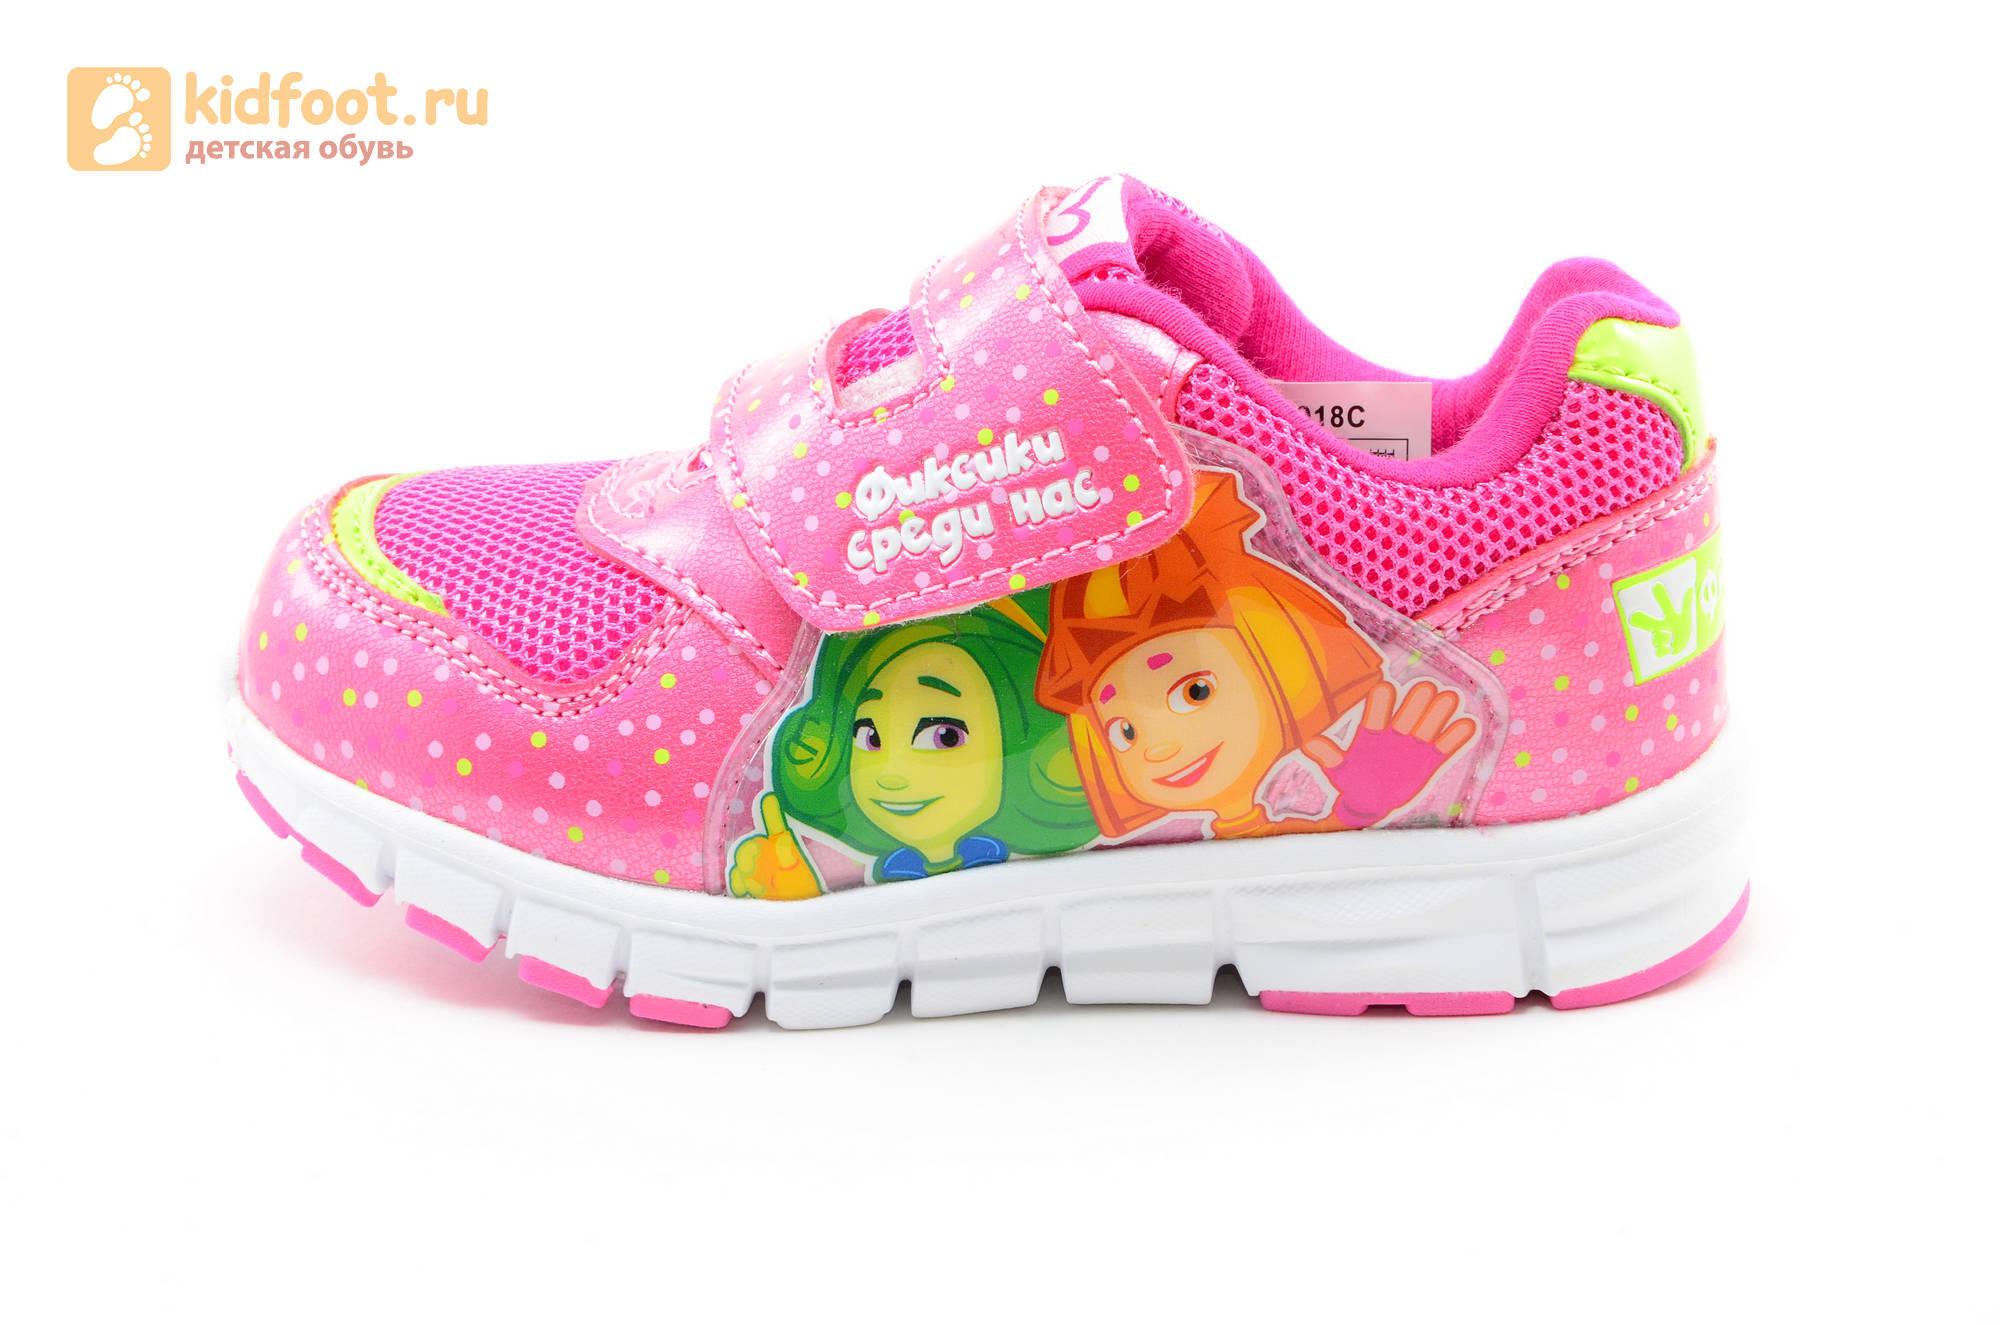 Светящиеся кроссовки для девочек Фиксики на липучках, цвет фуксия, мигает картинка сбоку